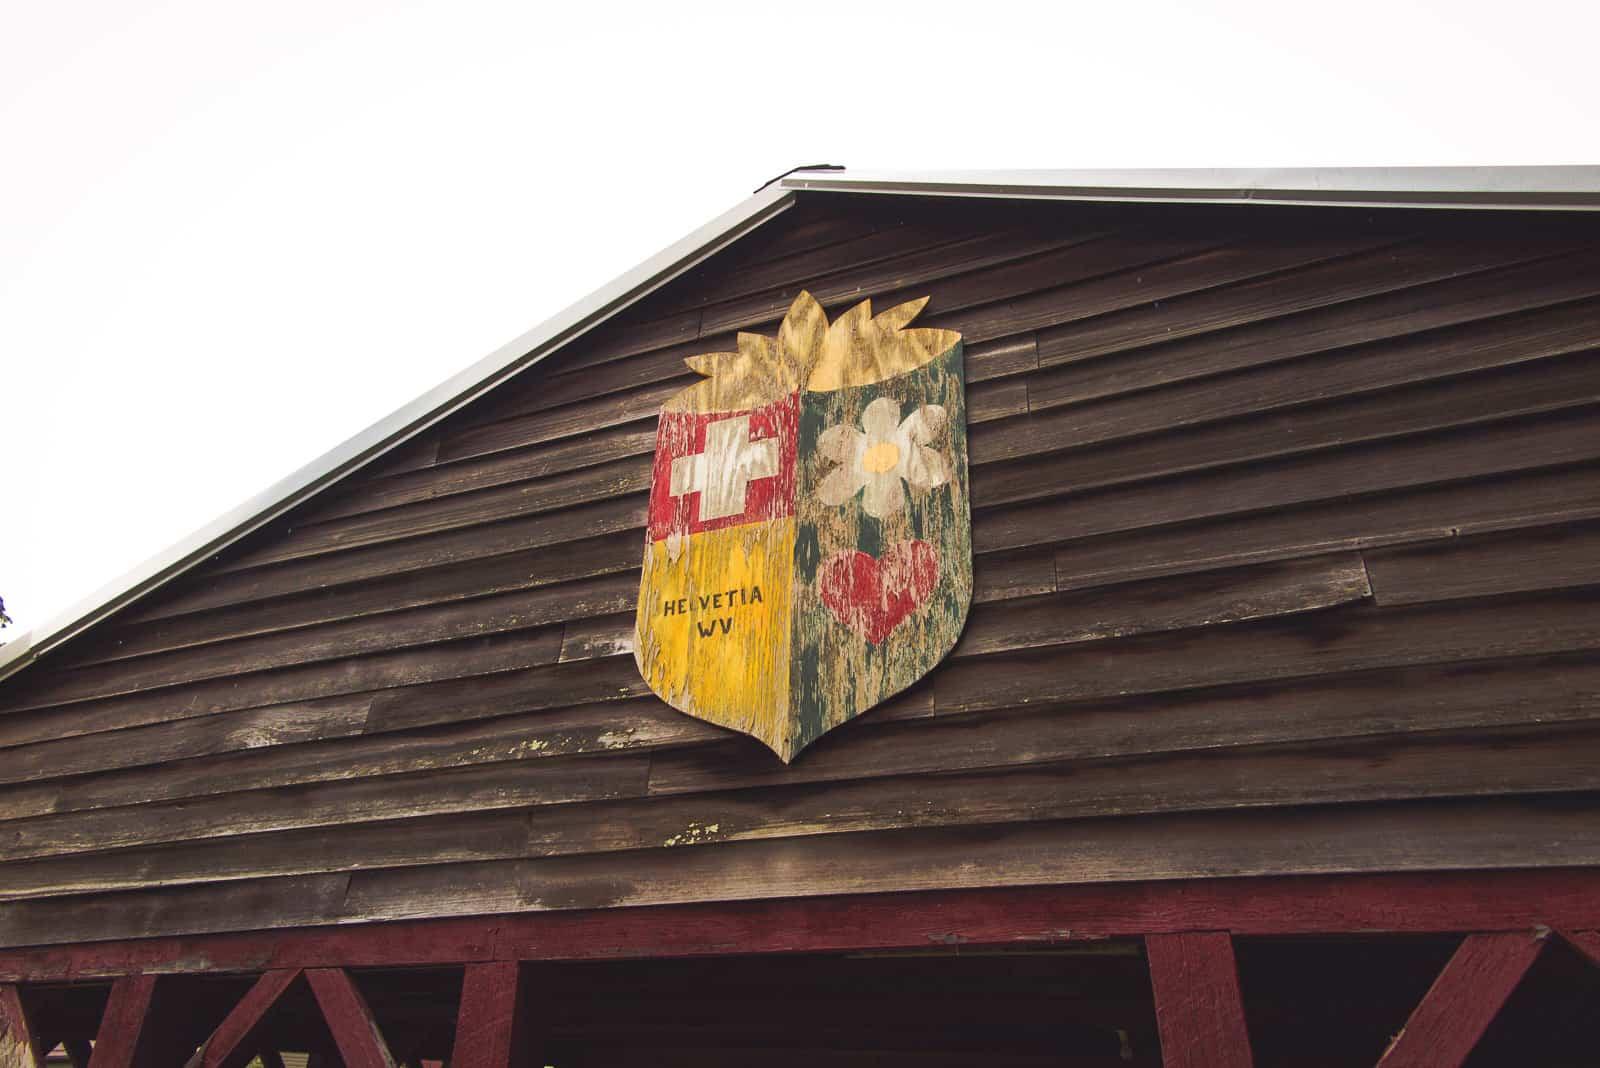 Das Wappen von Helvetia, WV